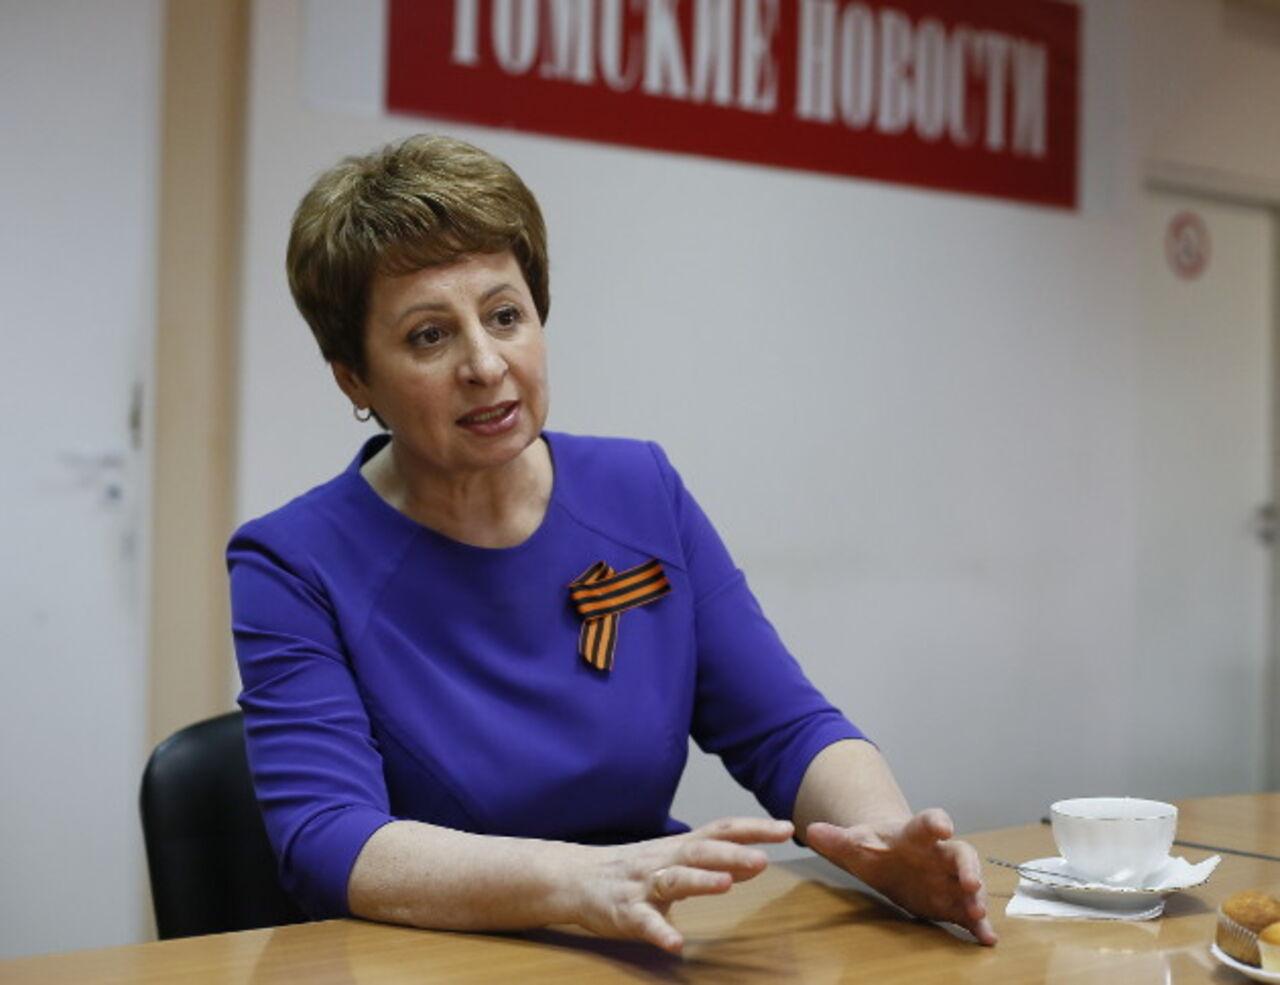 Депутат Государственной Думы РФ Ирина Евтушенко скончалась в ночь на среду на 61-м году жизни. Об этом сообщает РИА'Томск